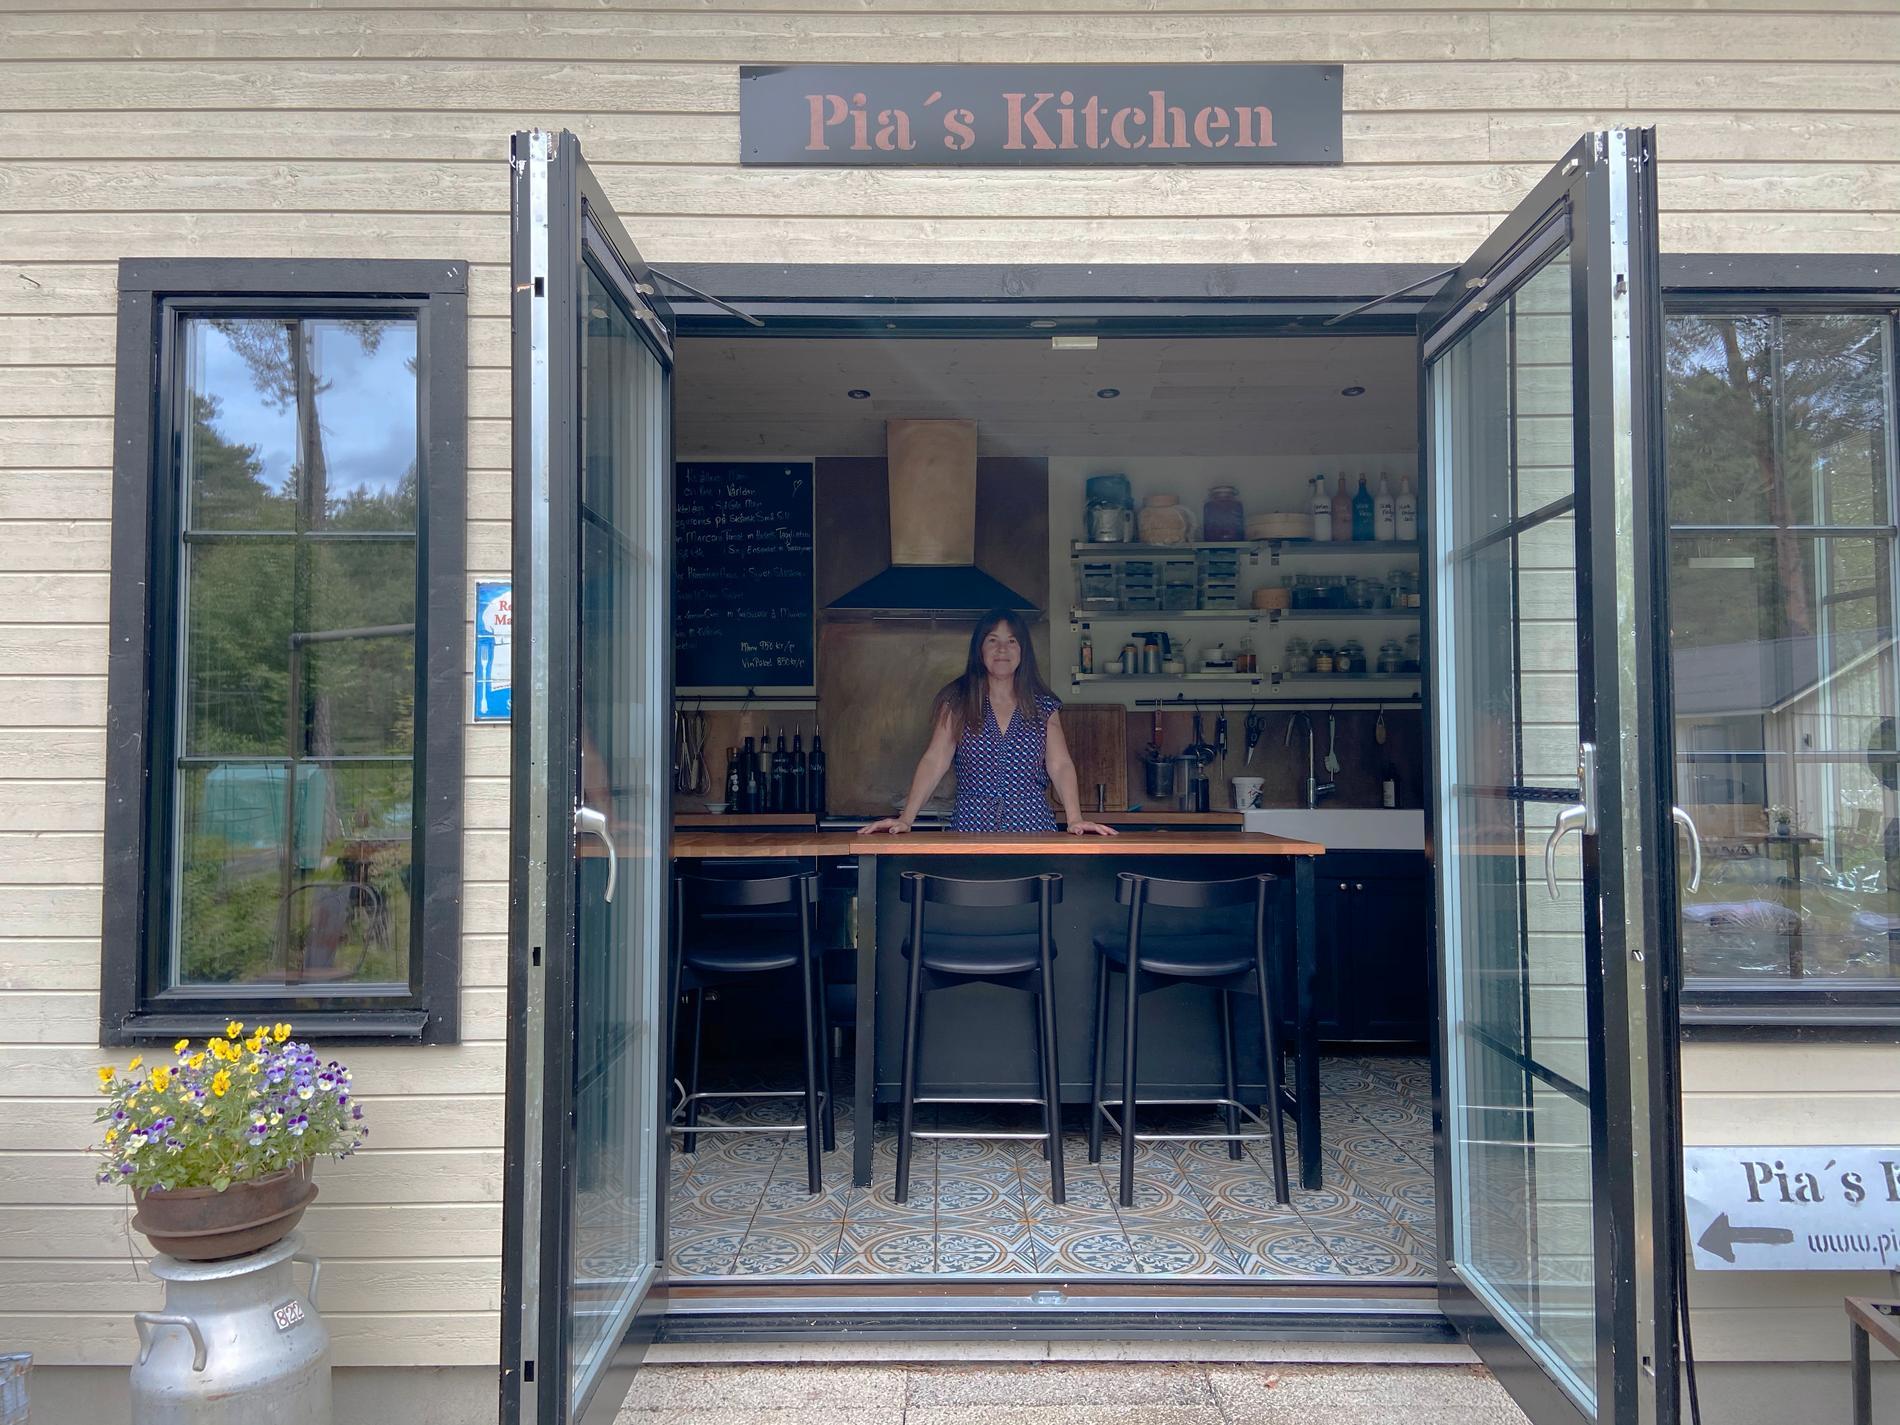 Här i friggeboden är det chef's table som gäller och Pia Idberg tar emot sällskap på minst fyra och max åtta personer.